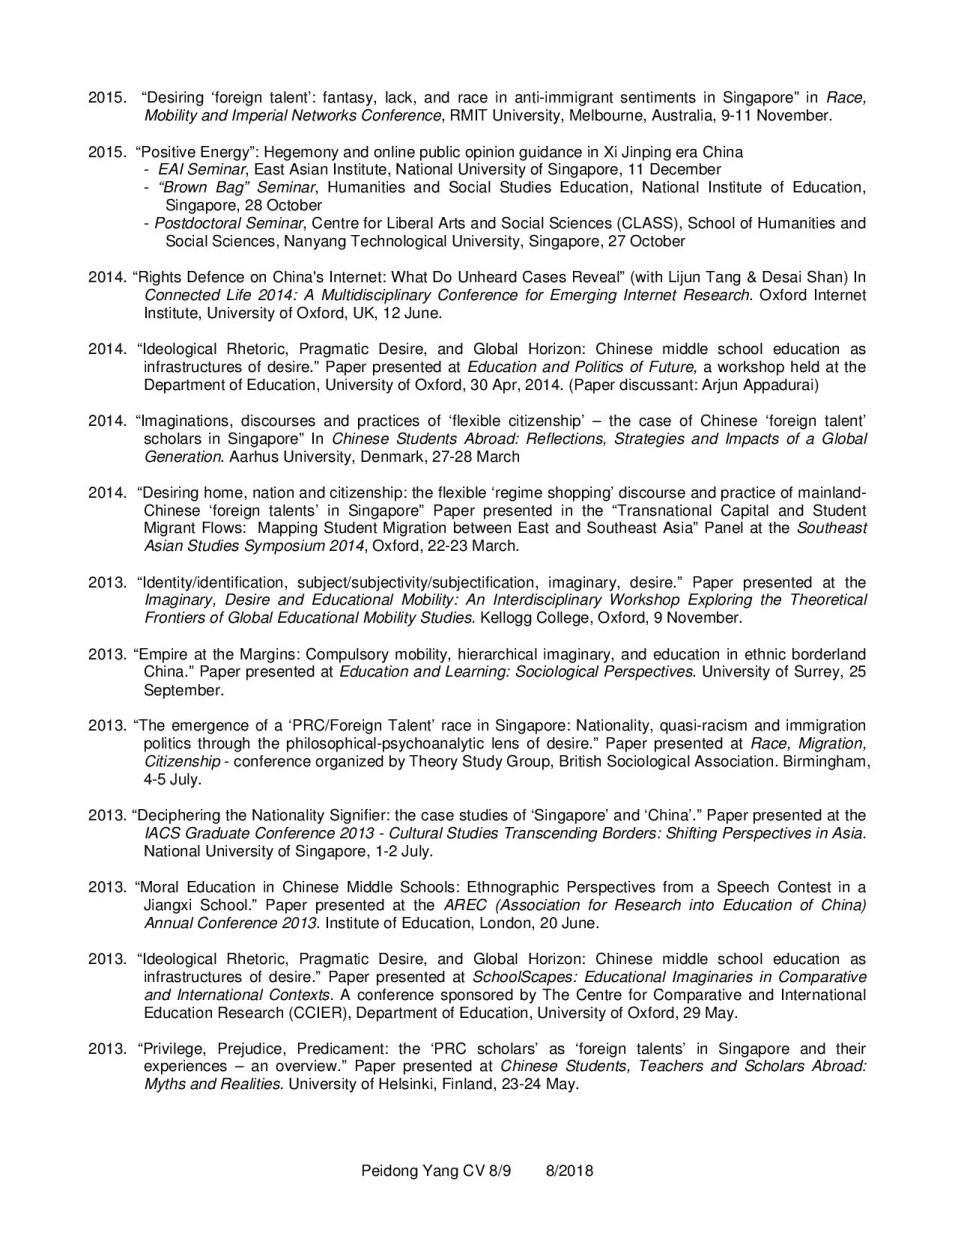 CV YANG Peidong_8.2018-page-008